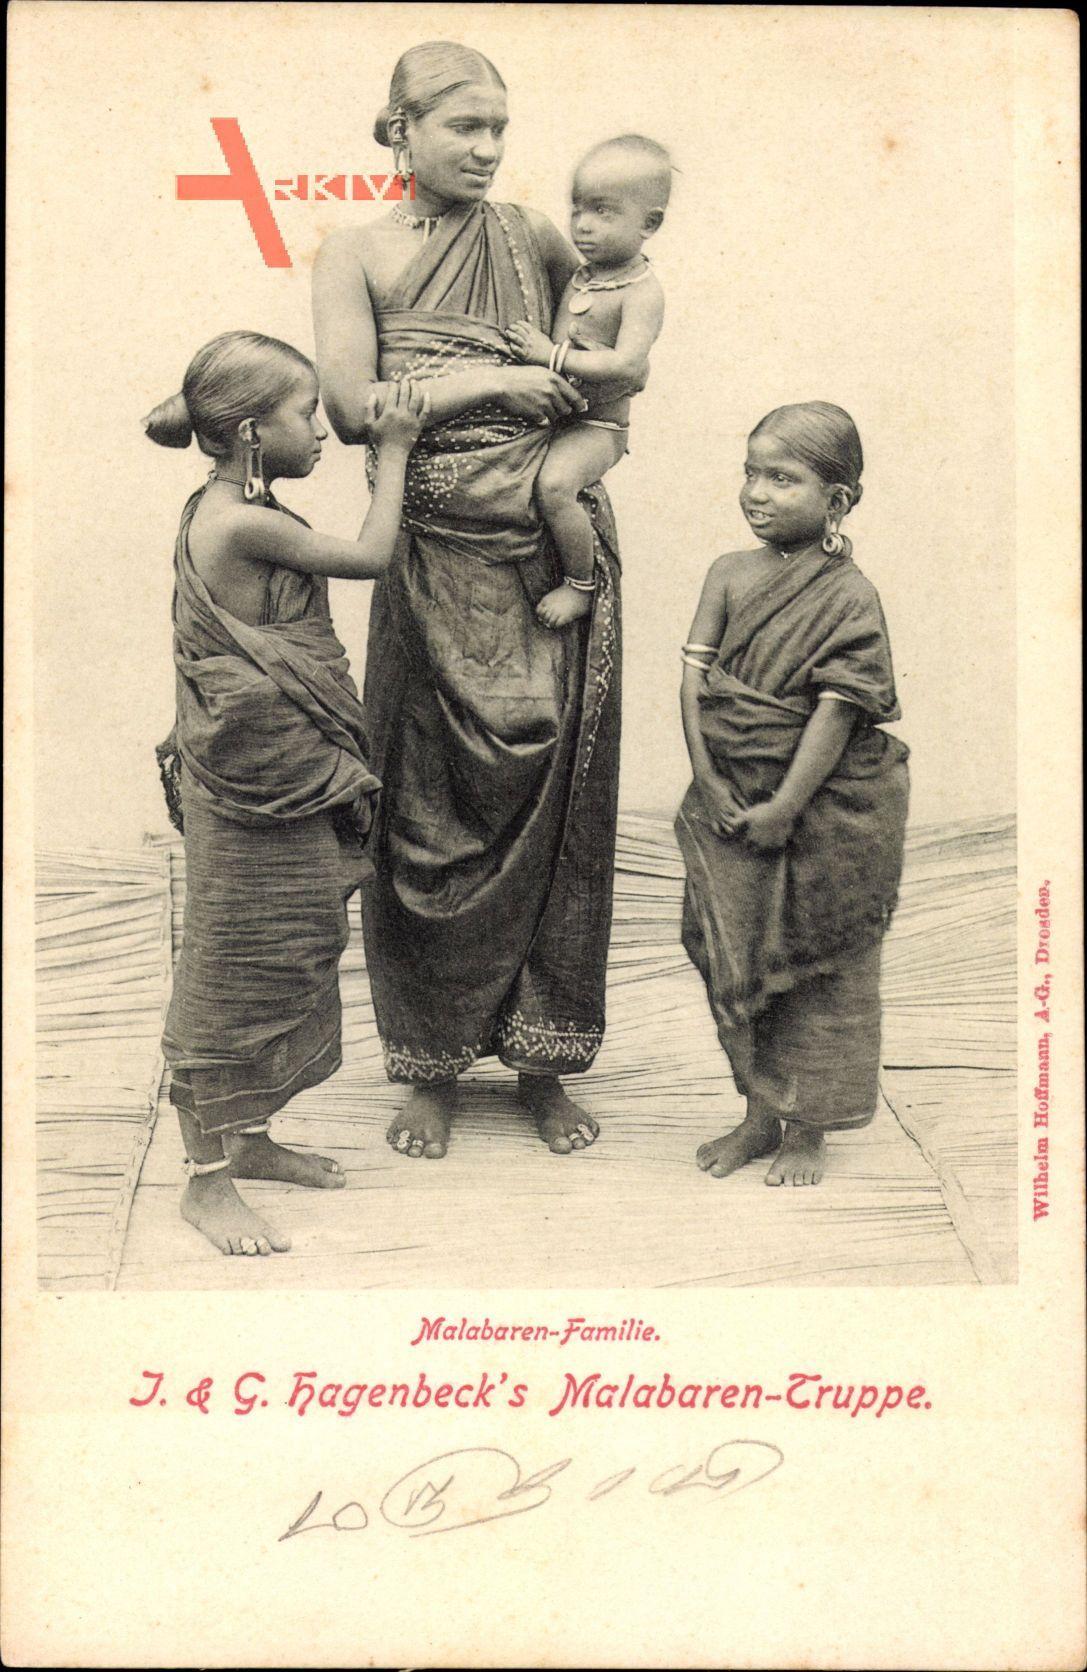 Malabarenfamilie, Hagenbecks Malabaren Truppe, Inder